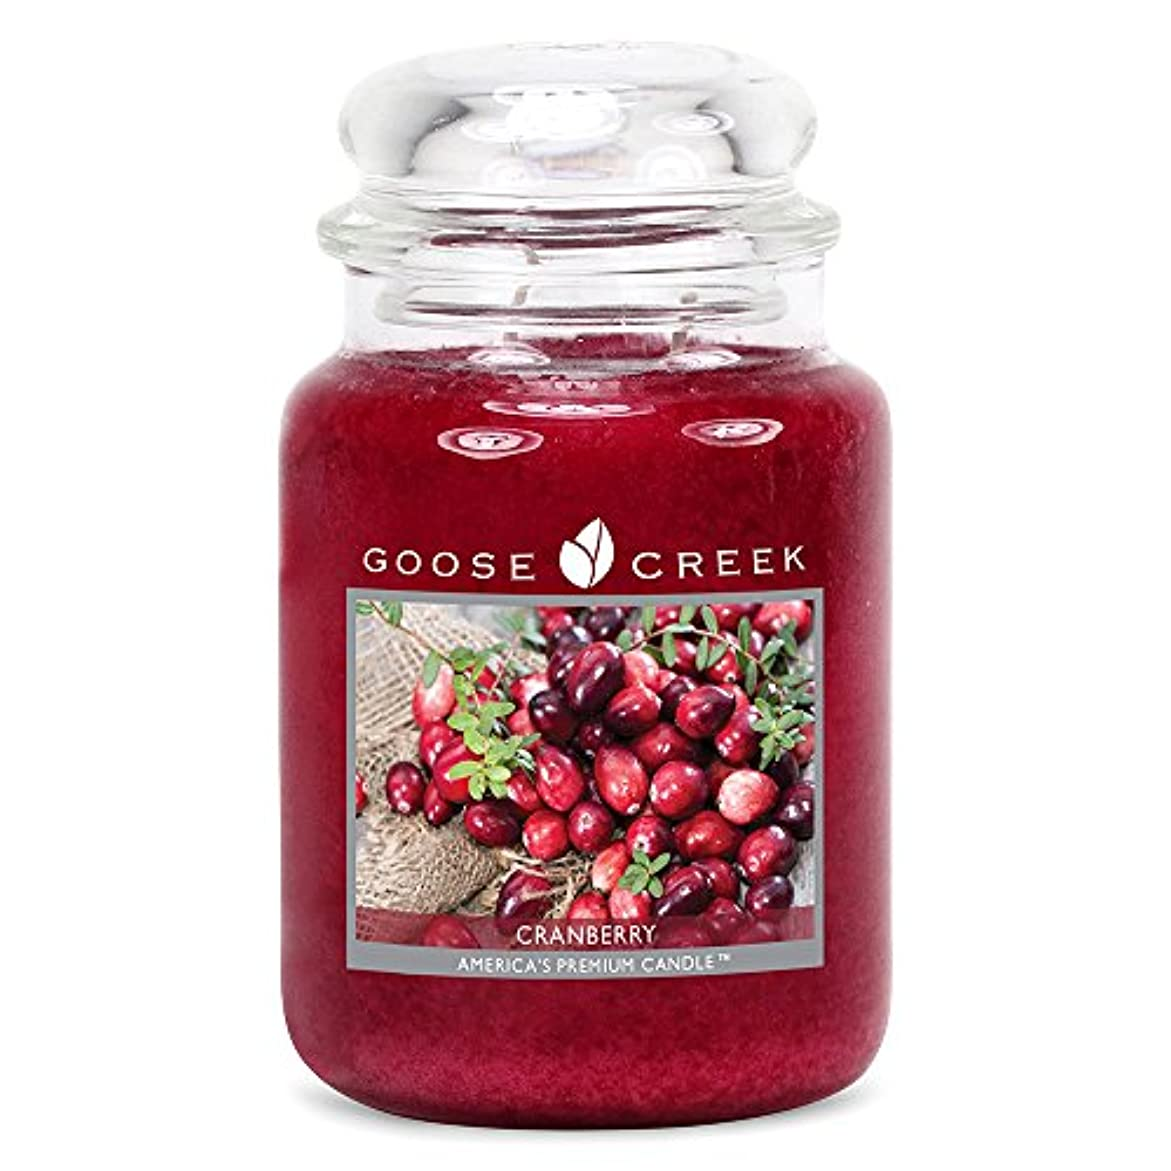 懲らしめ額硬いGoose Creek ES26397 24 oz Essential Cranberry Jar Candle